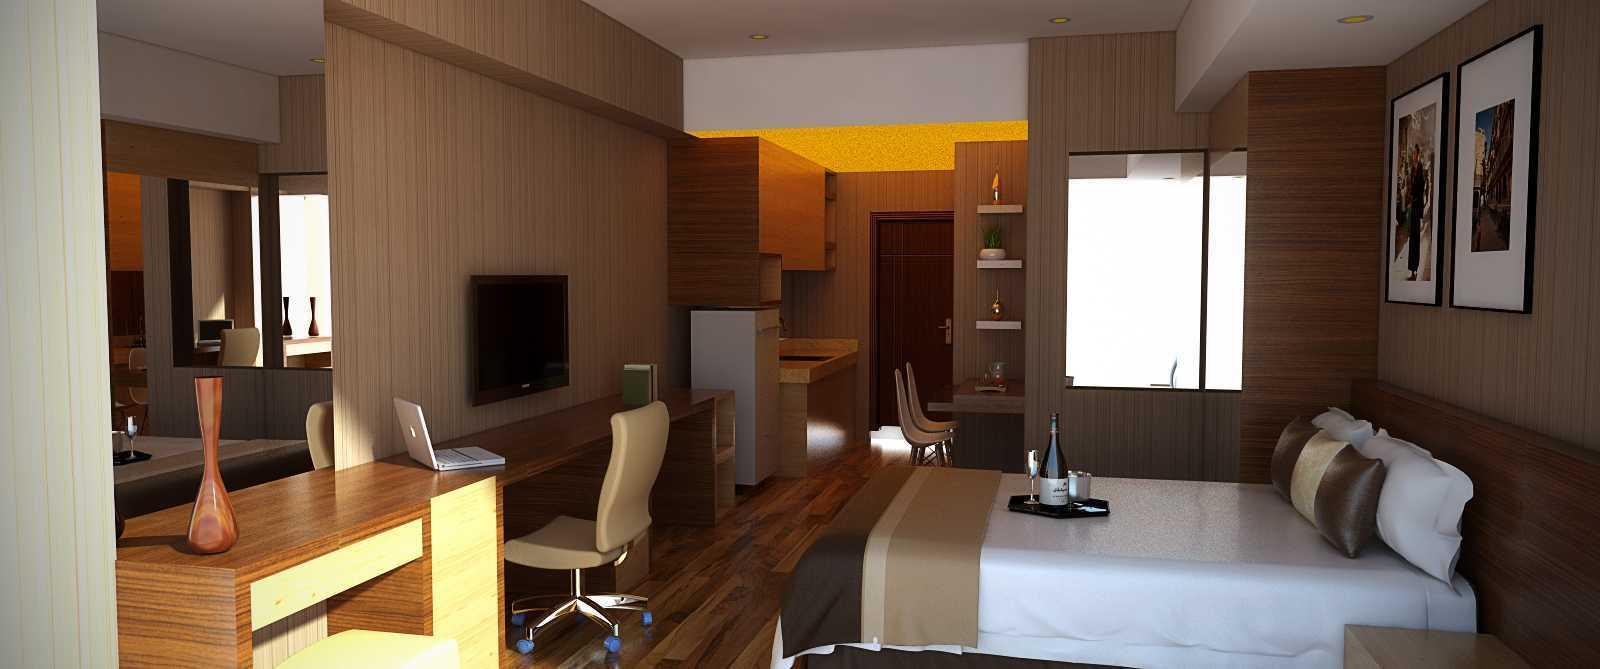 Sabio Design Easton Interior, Jatinangor Jatinangor, Kabupaten Sumedang, Jawa Barat, Indonesia Jatinangor, Kabupaten Sumedang, Jawa Barat, Indonesia Sabio-Design-Easton-Interior-Jatinangor  115301